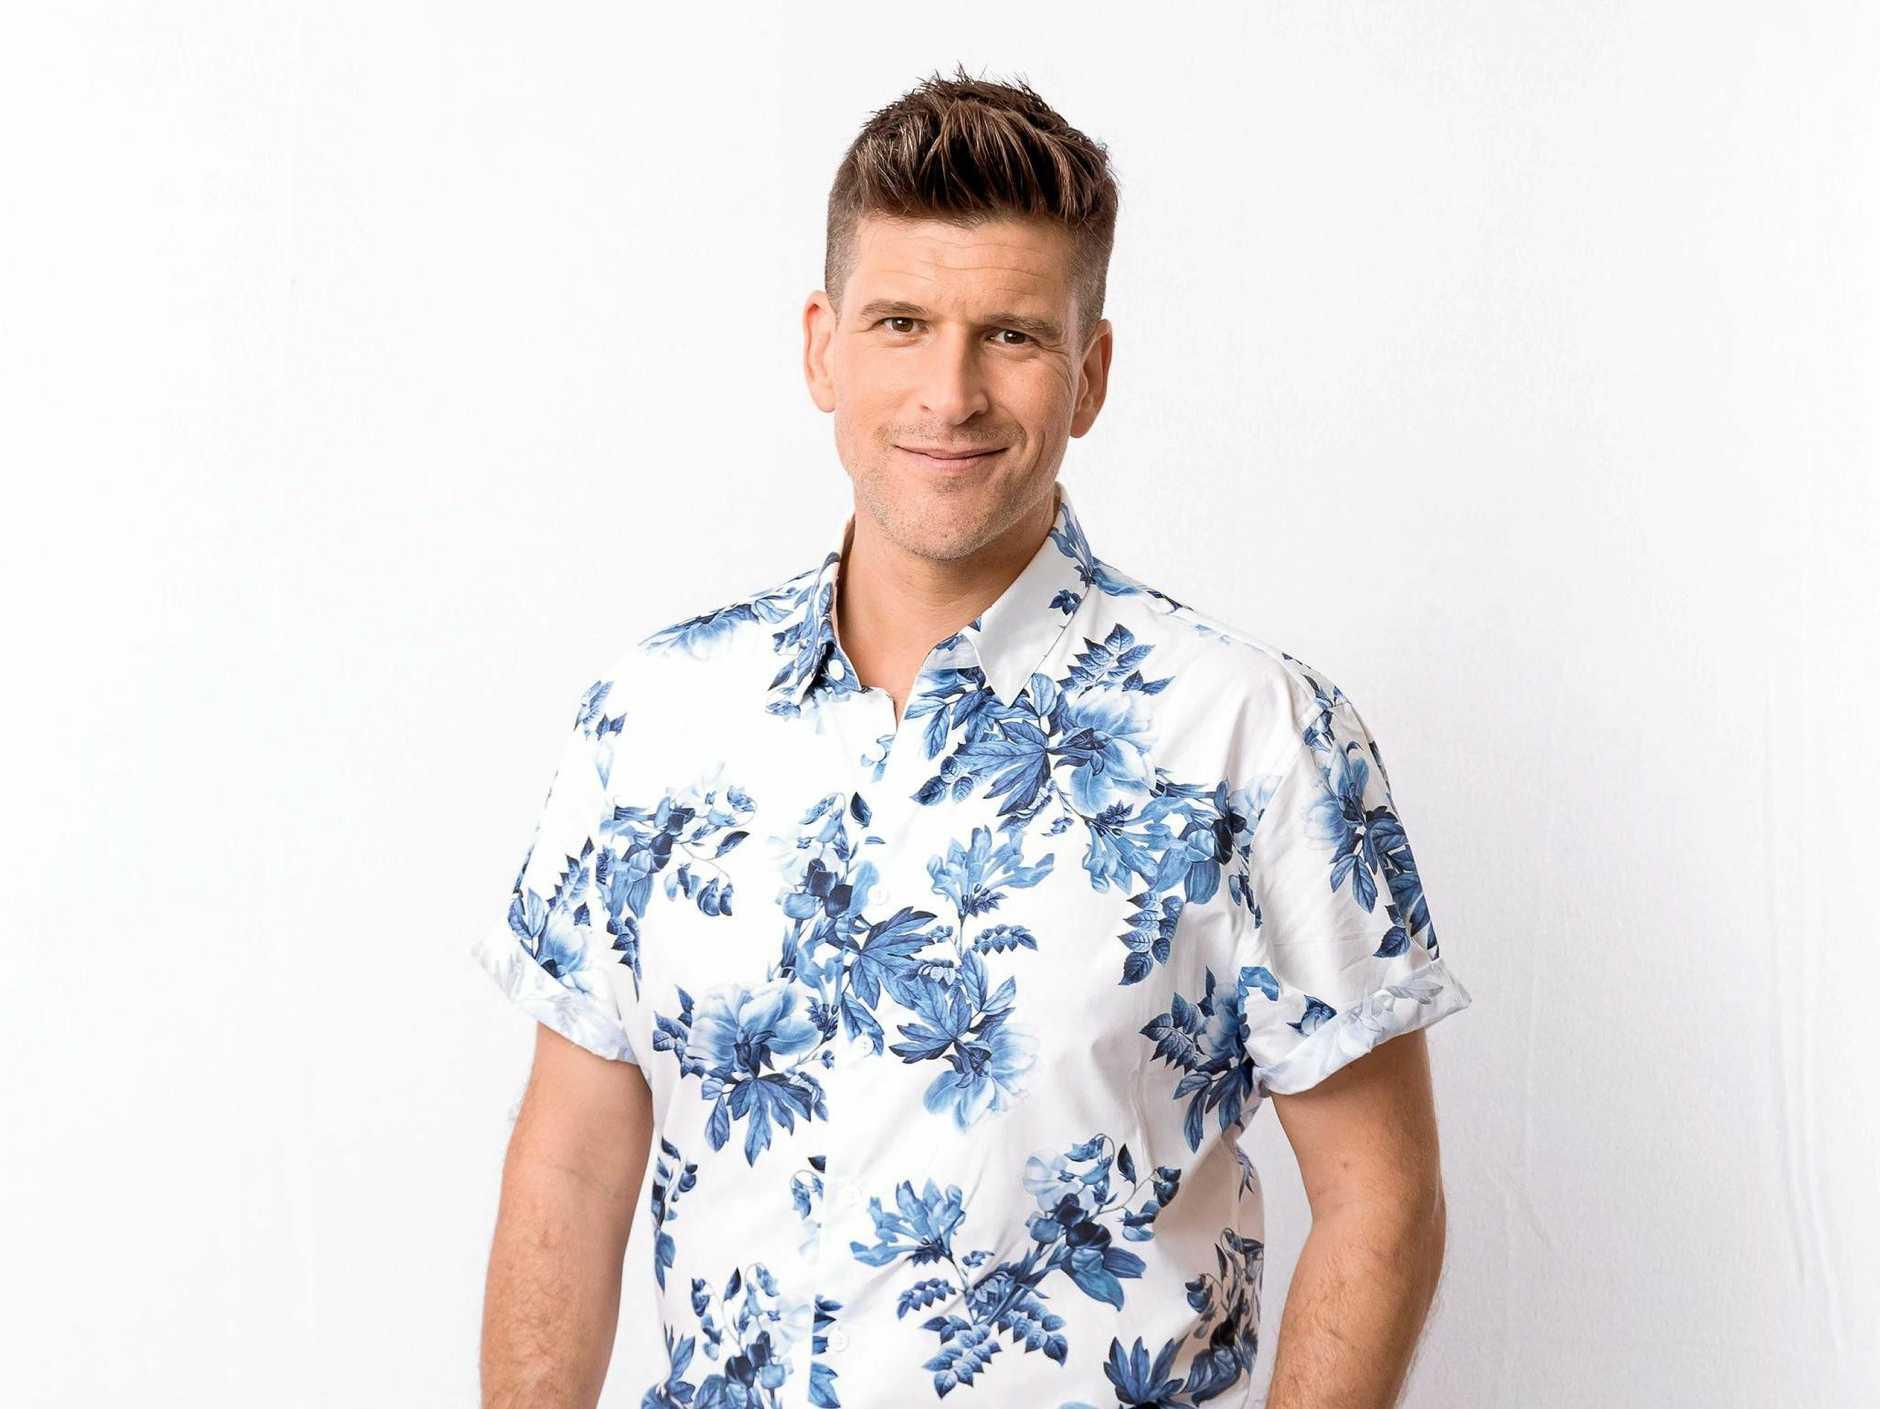 Osher Gunsberg hosts the TV series Bachelor in Paradise.